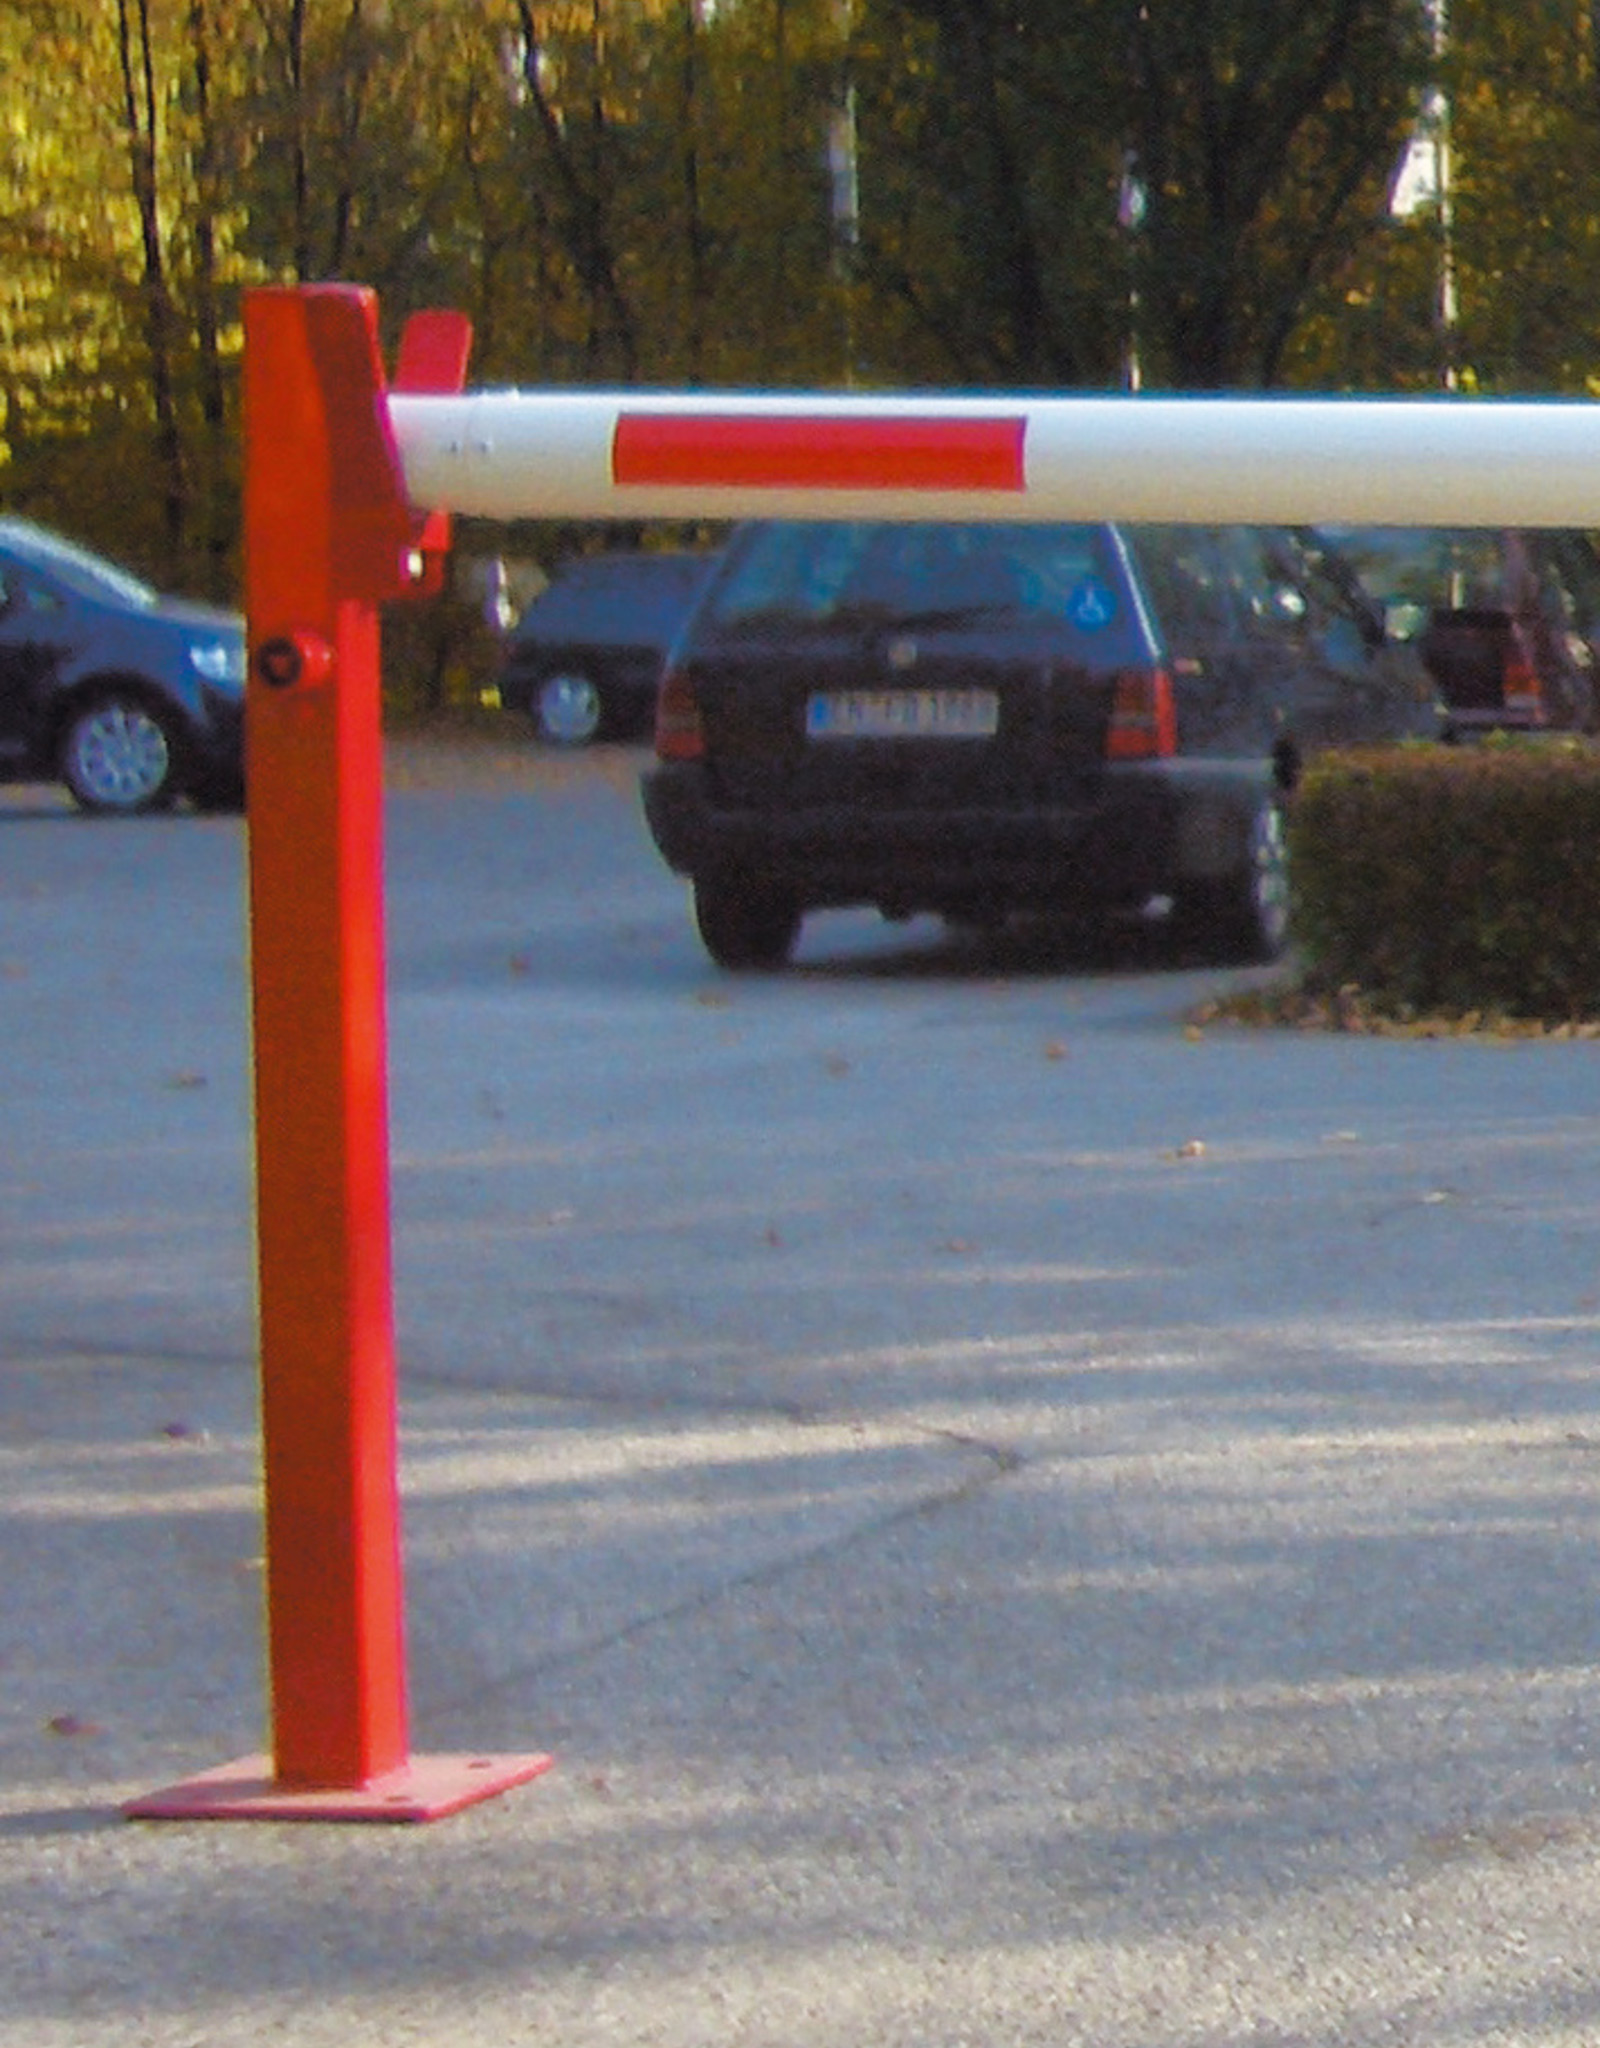 Verkeerswinkel.nl | Slagboom 300 cm tot 700 cm, incl. Staander, Gasveer en Cilinderslot